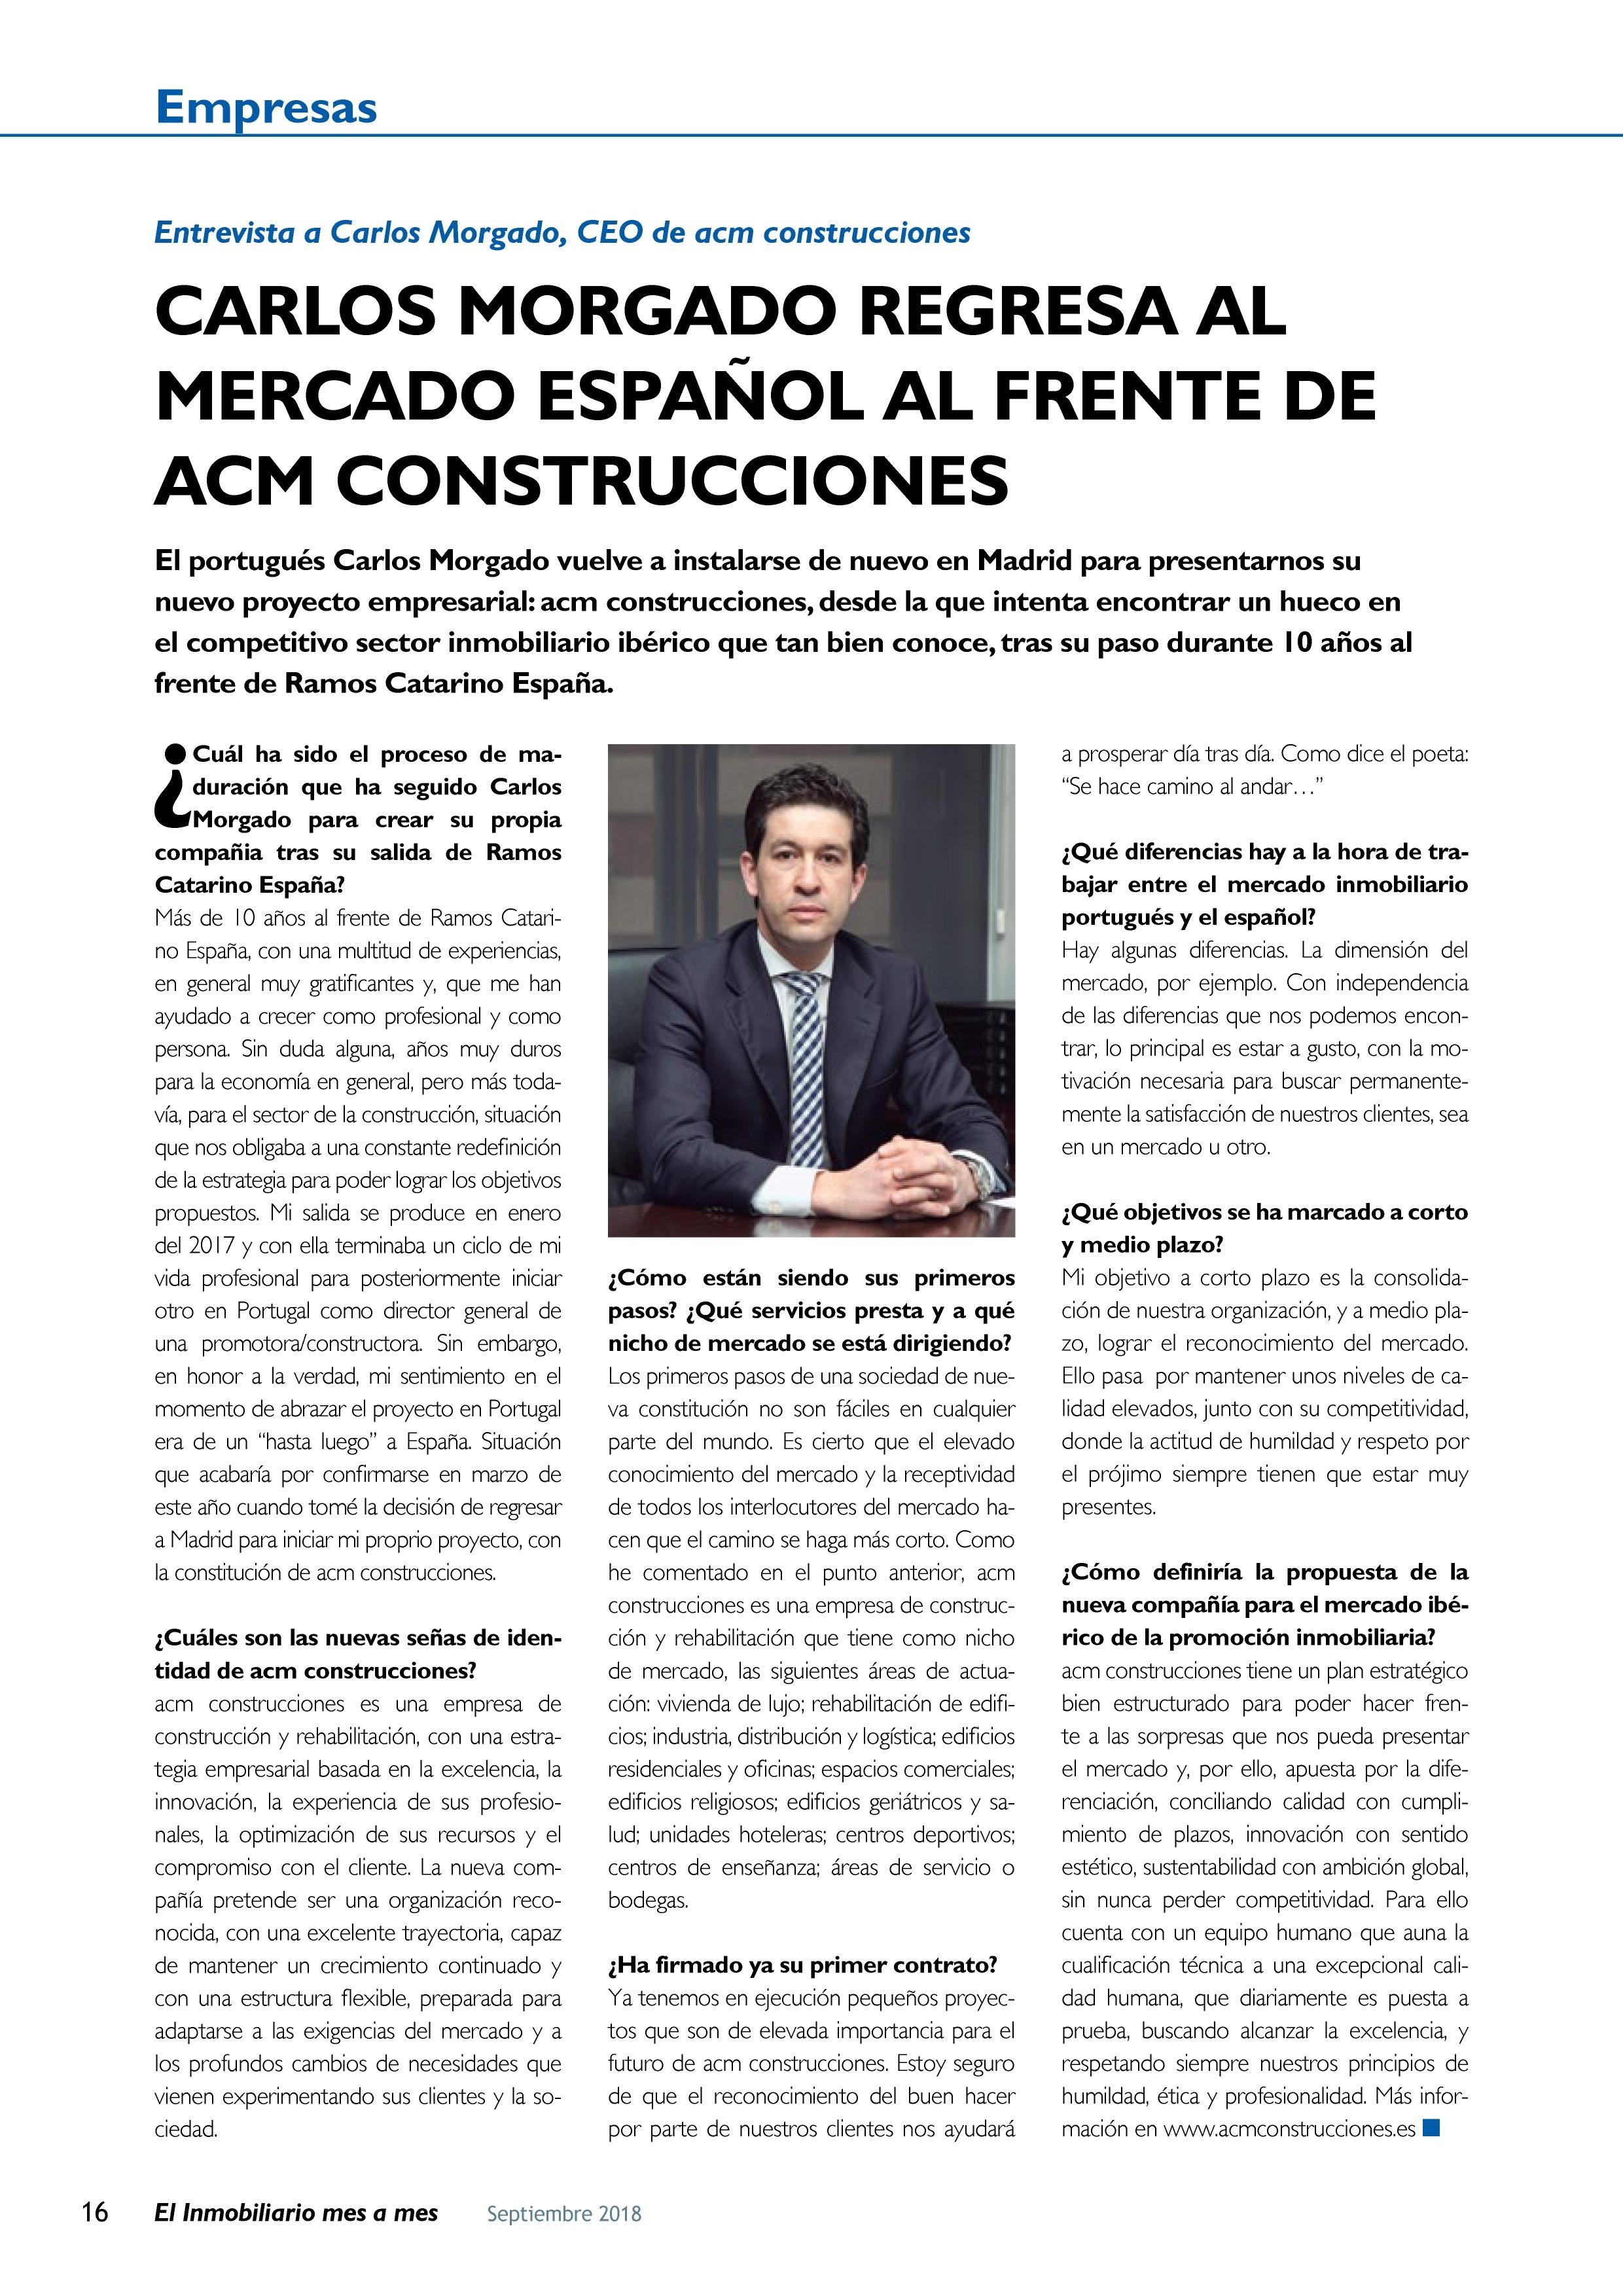 Entrevista a Carlos Morgado